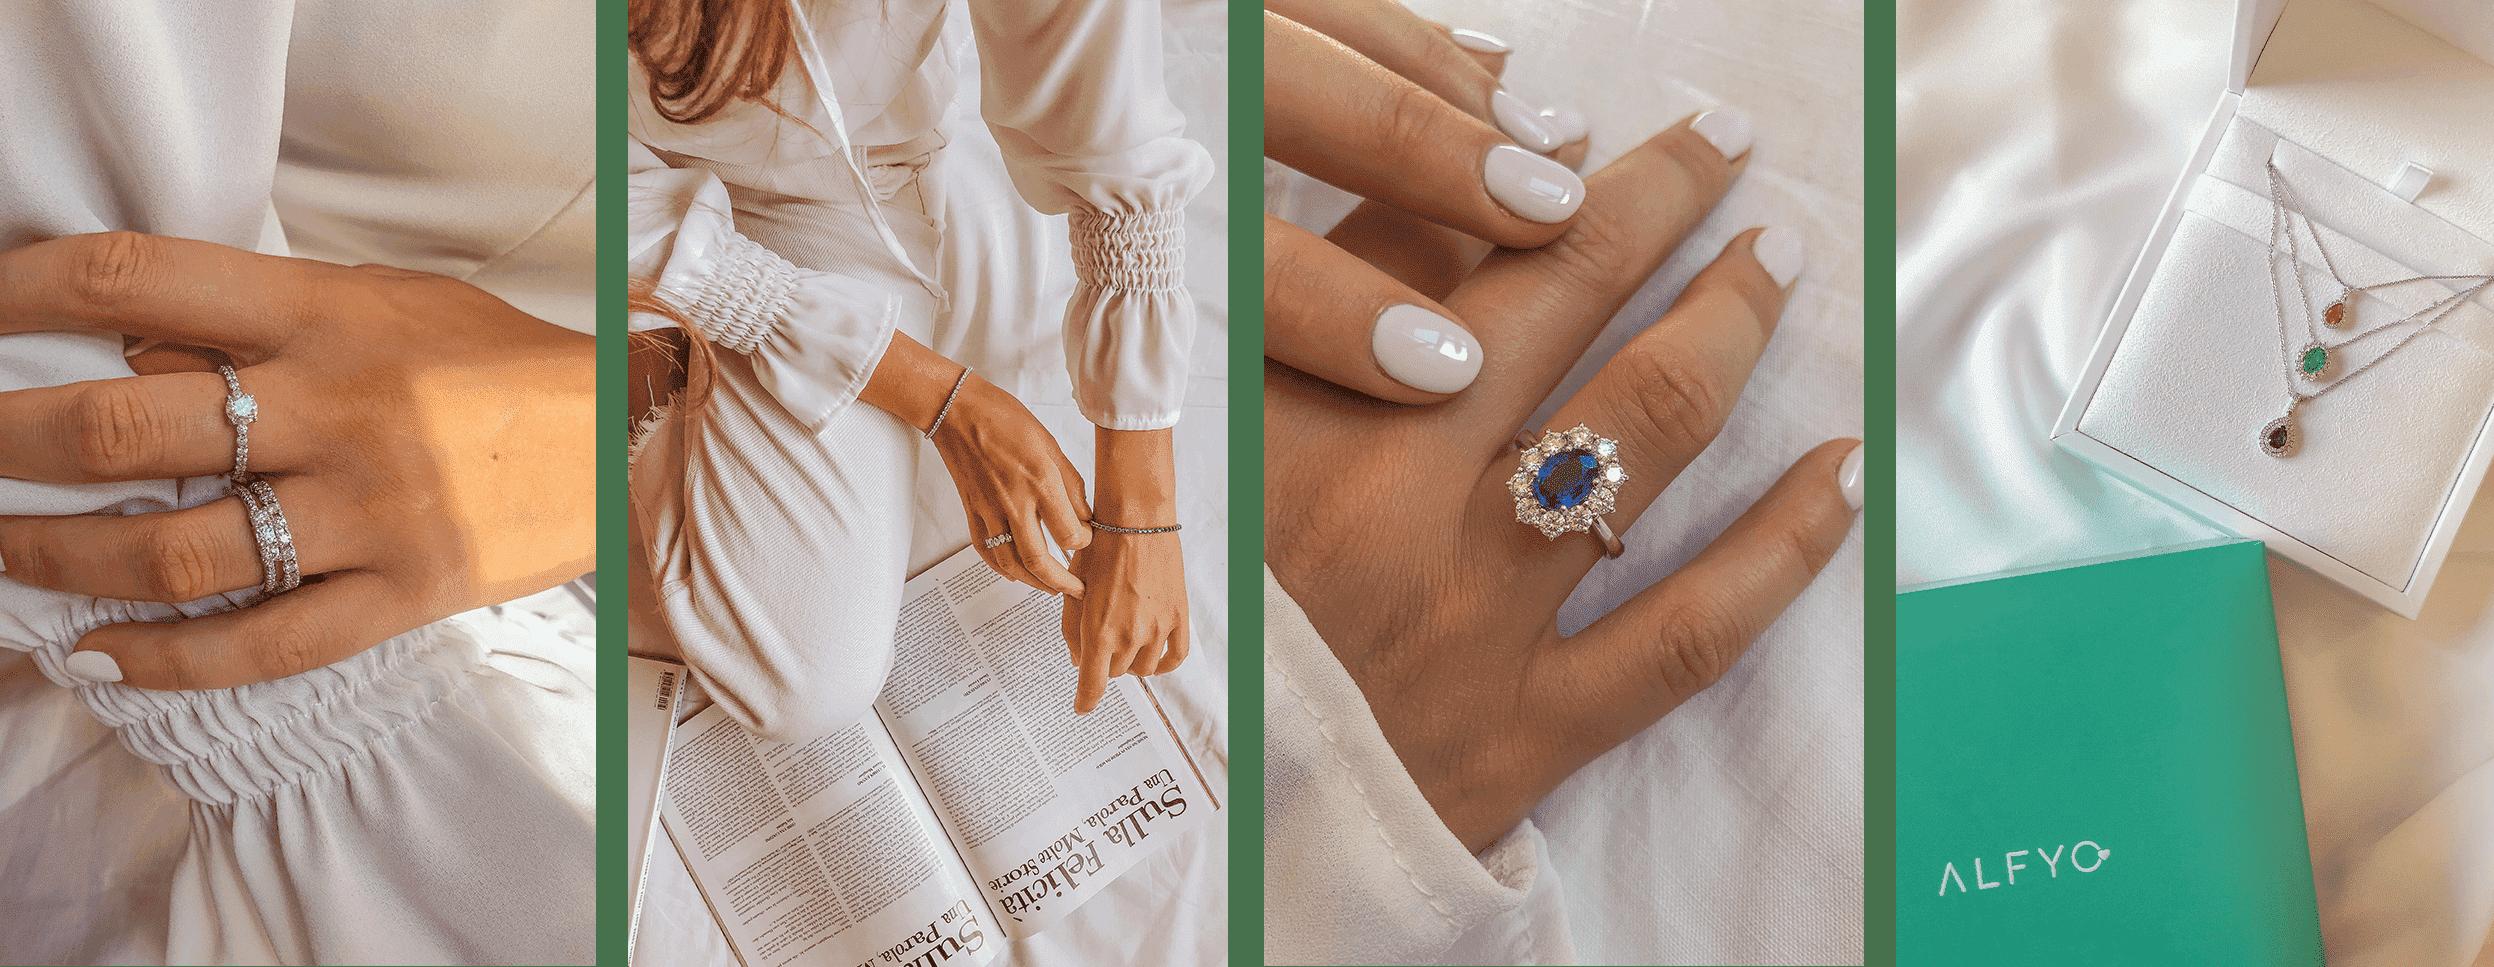 gioielli personalizzati alfyo